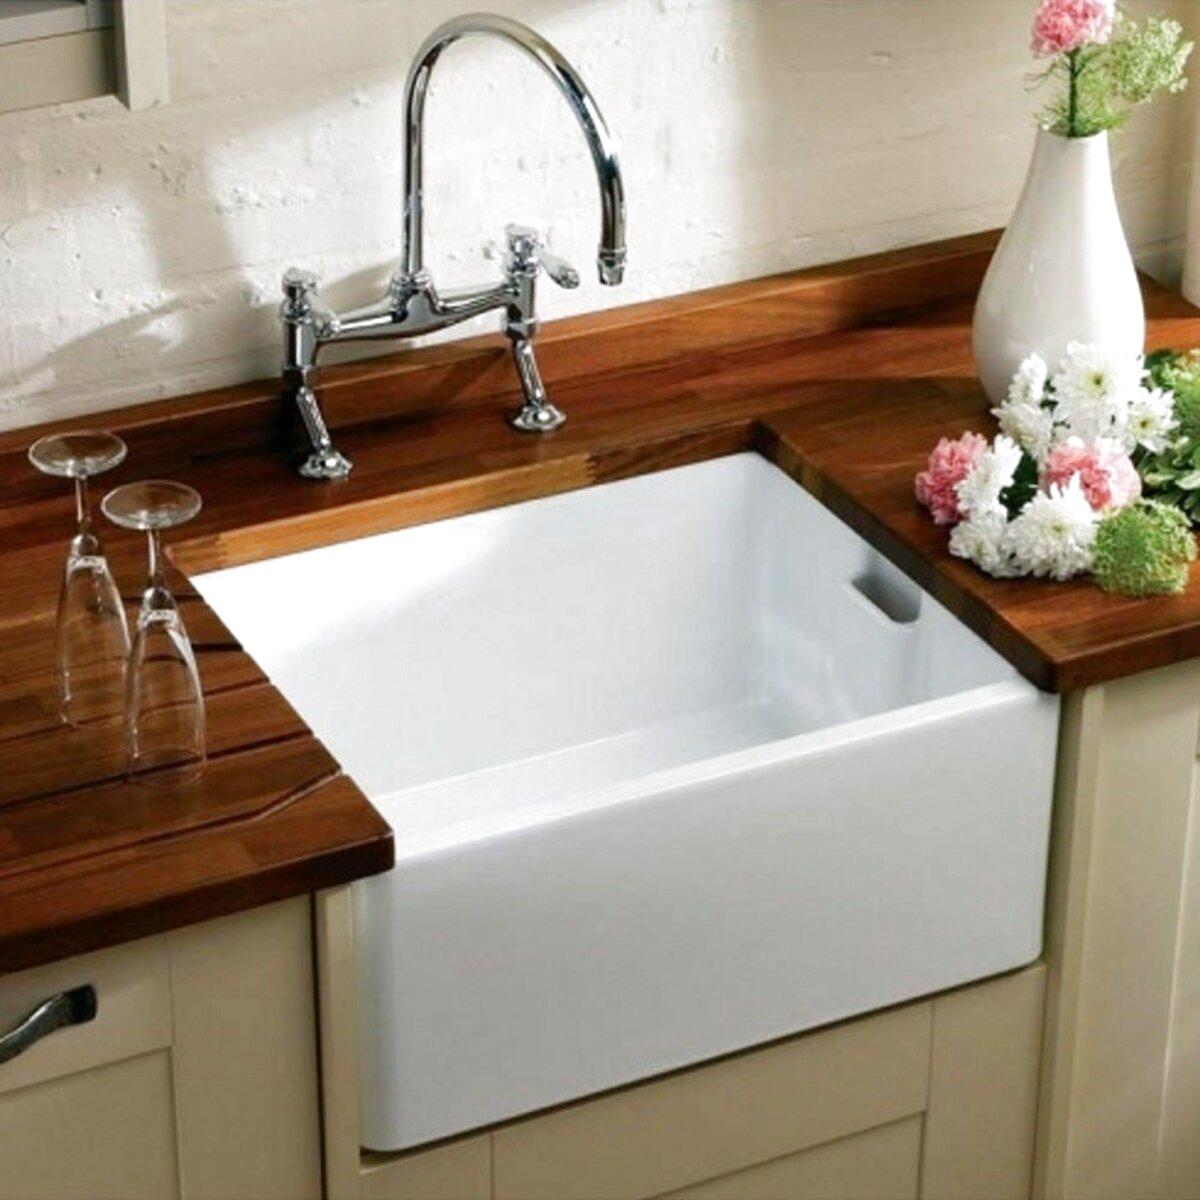 belfast sink overflow for sale